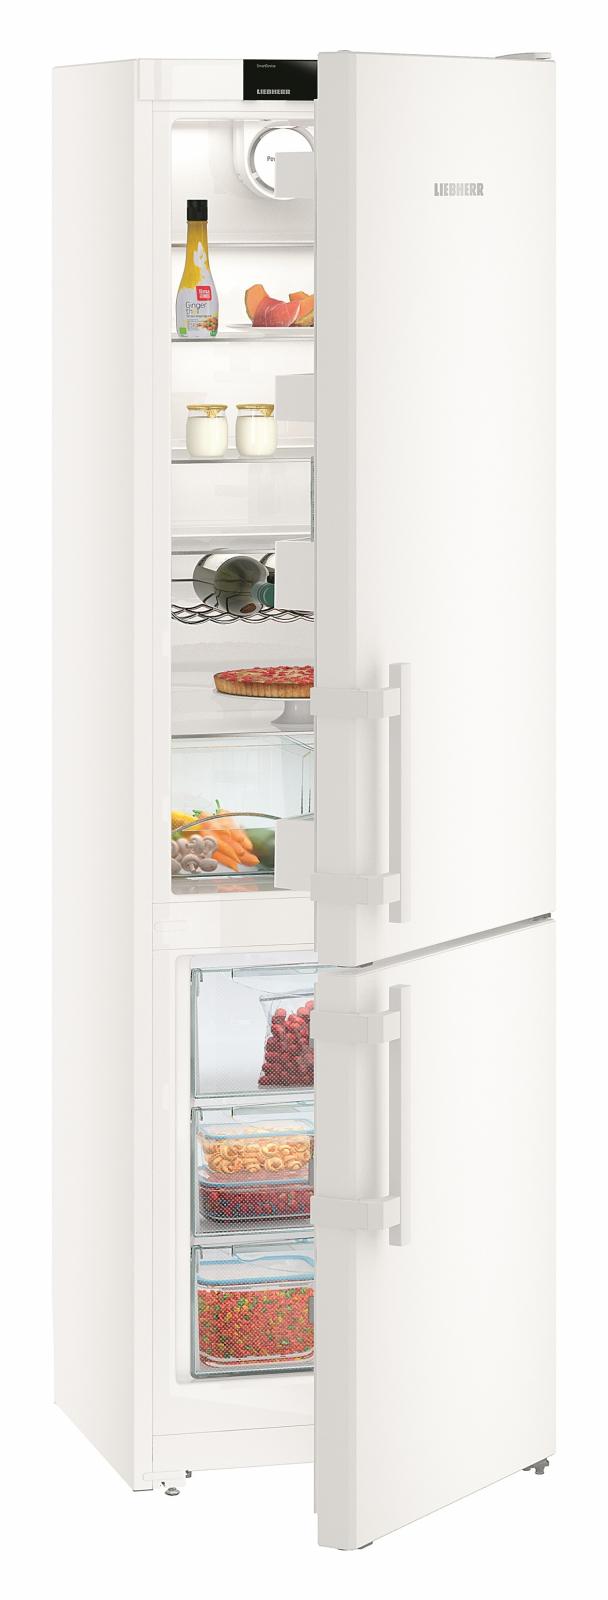 купить Двухкамерный холодильник Liebherr C 3825 Украина фото 4